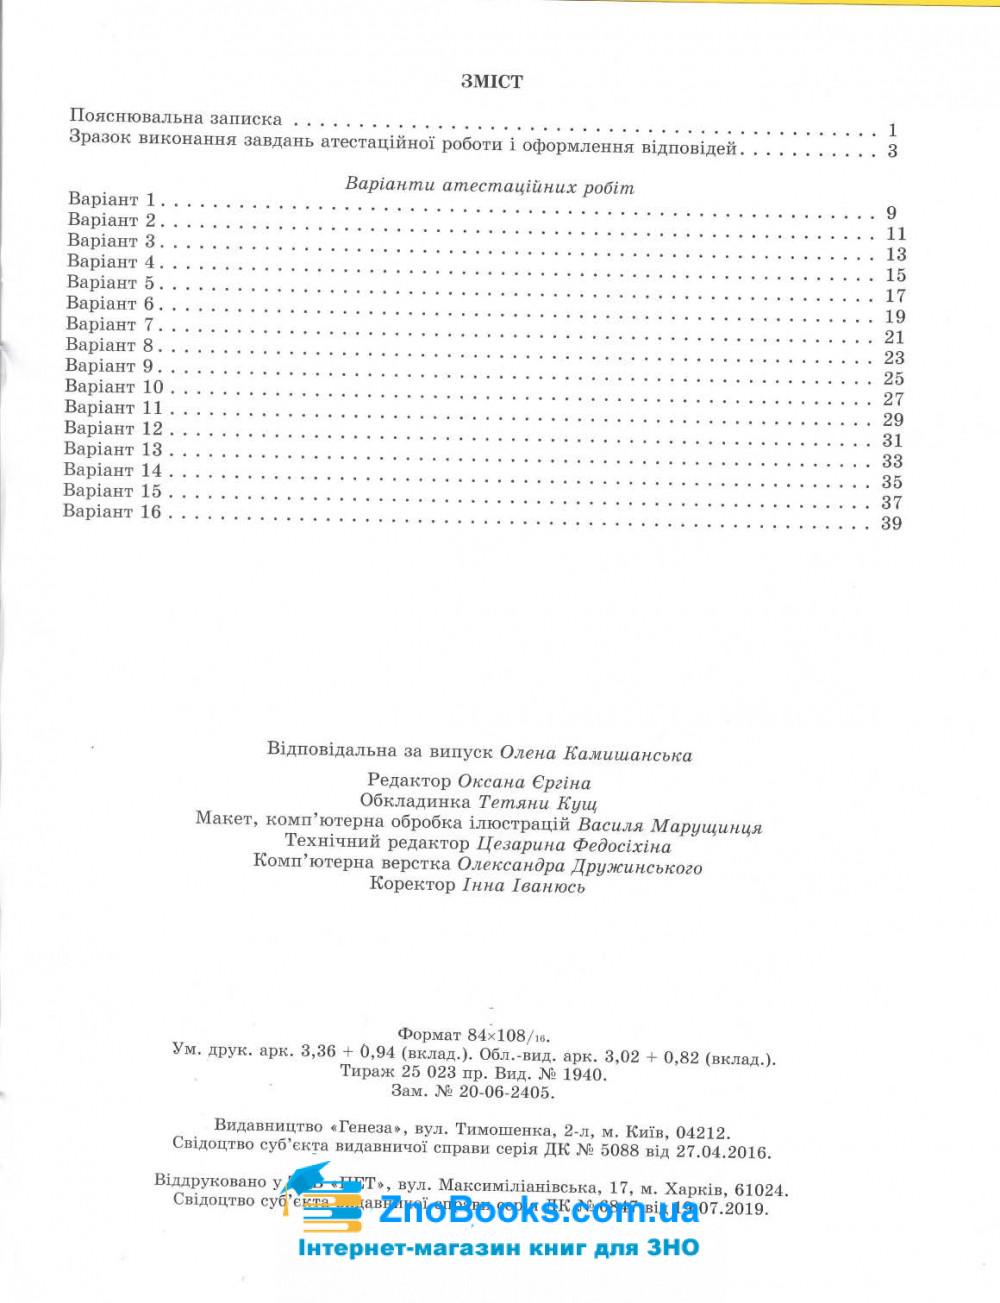 ДПА 9 клас 2021. Істер О., Єргіна О. Математика /КОМПЛЕКТ/ Збірник завдань + відповіді. Генеза 8